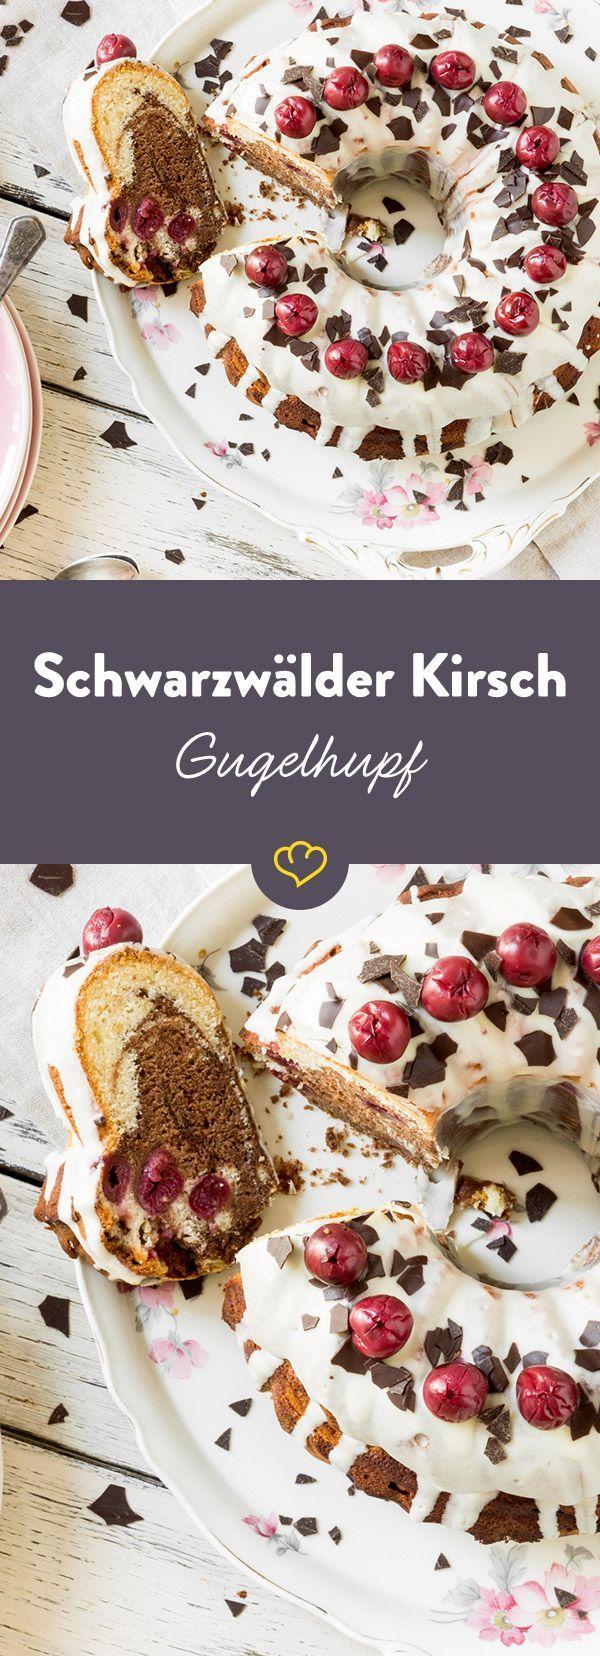 Leckerer Marmorkuchen verfeinert mit herber Schokolade - für den Schwarzwälder Touch sorgen saftige Kirschen und ein ordentlicher Schuss Kirschwasser.